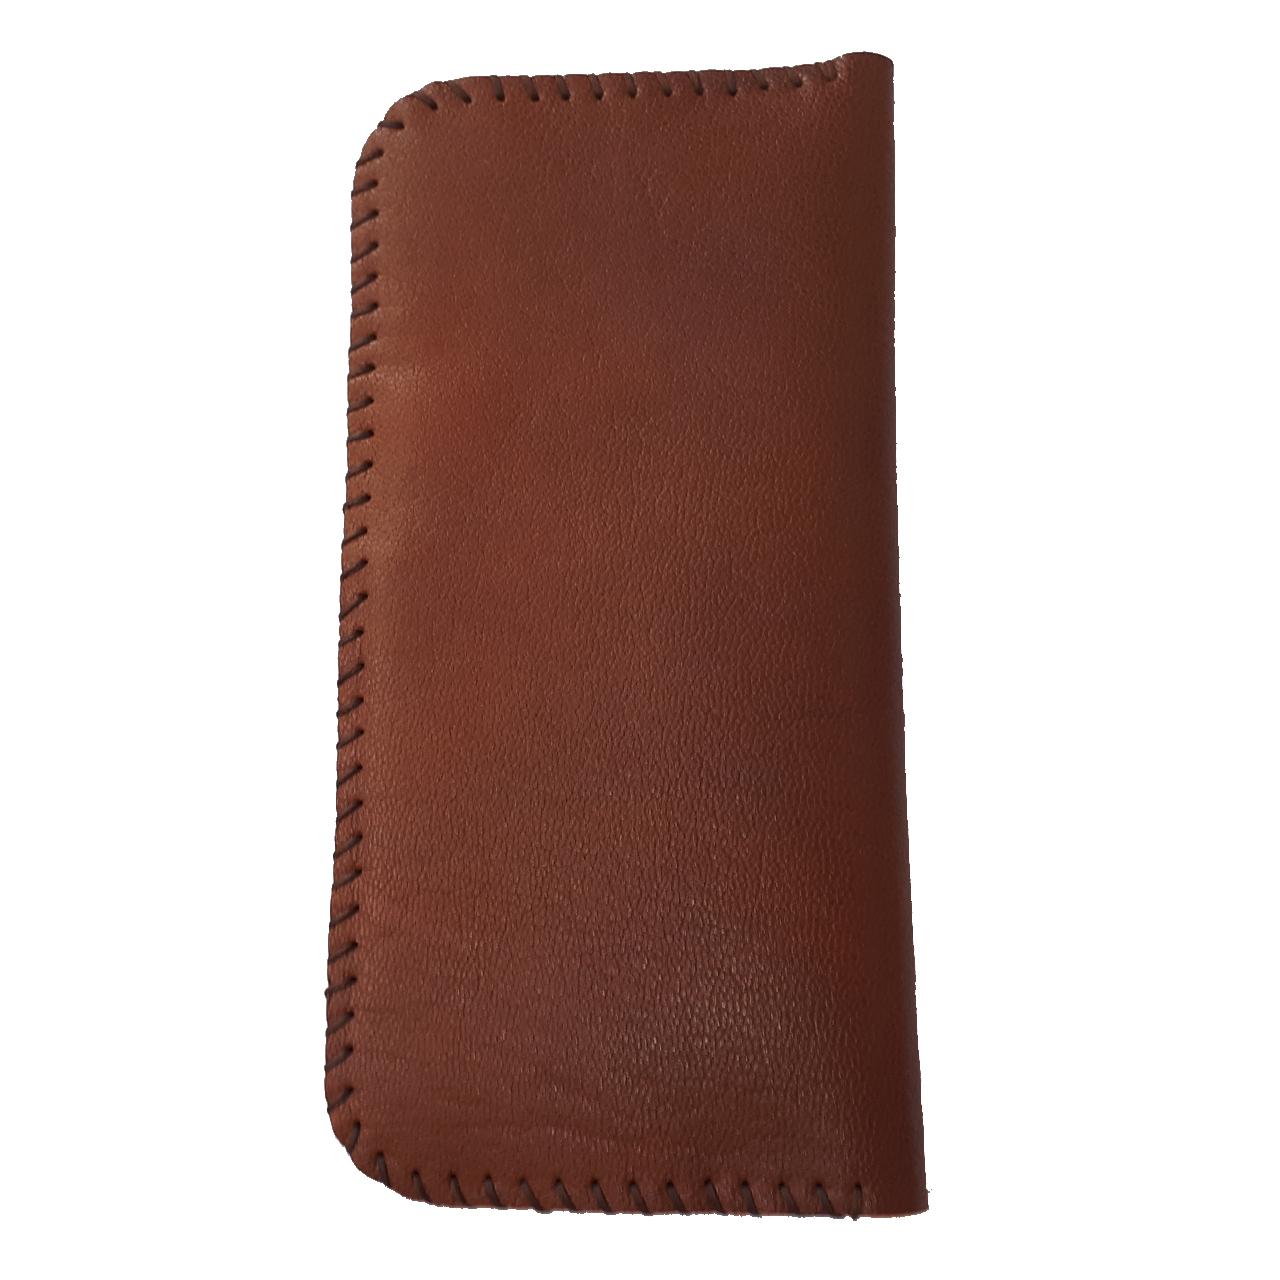 کیف پول اسپرت چرم طبیعی کد 010